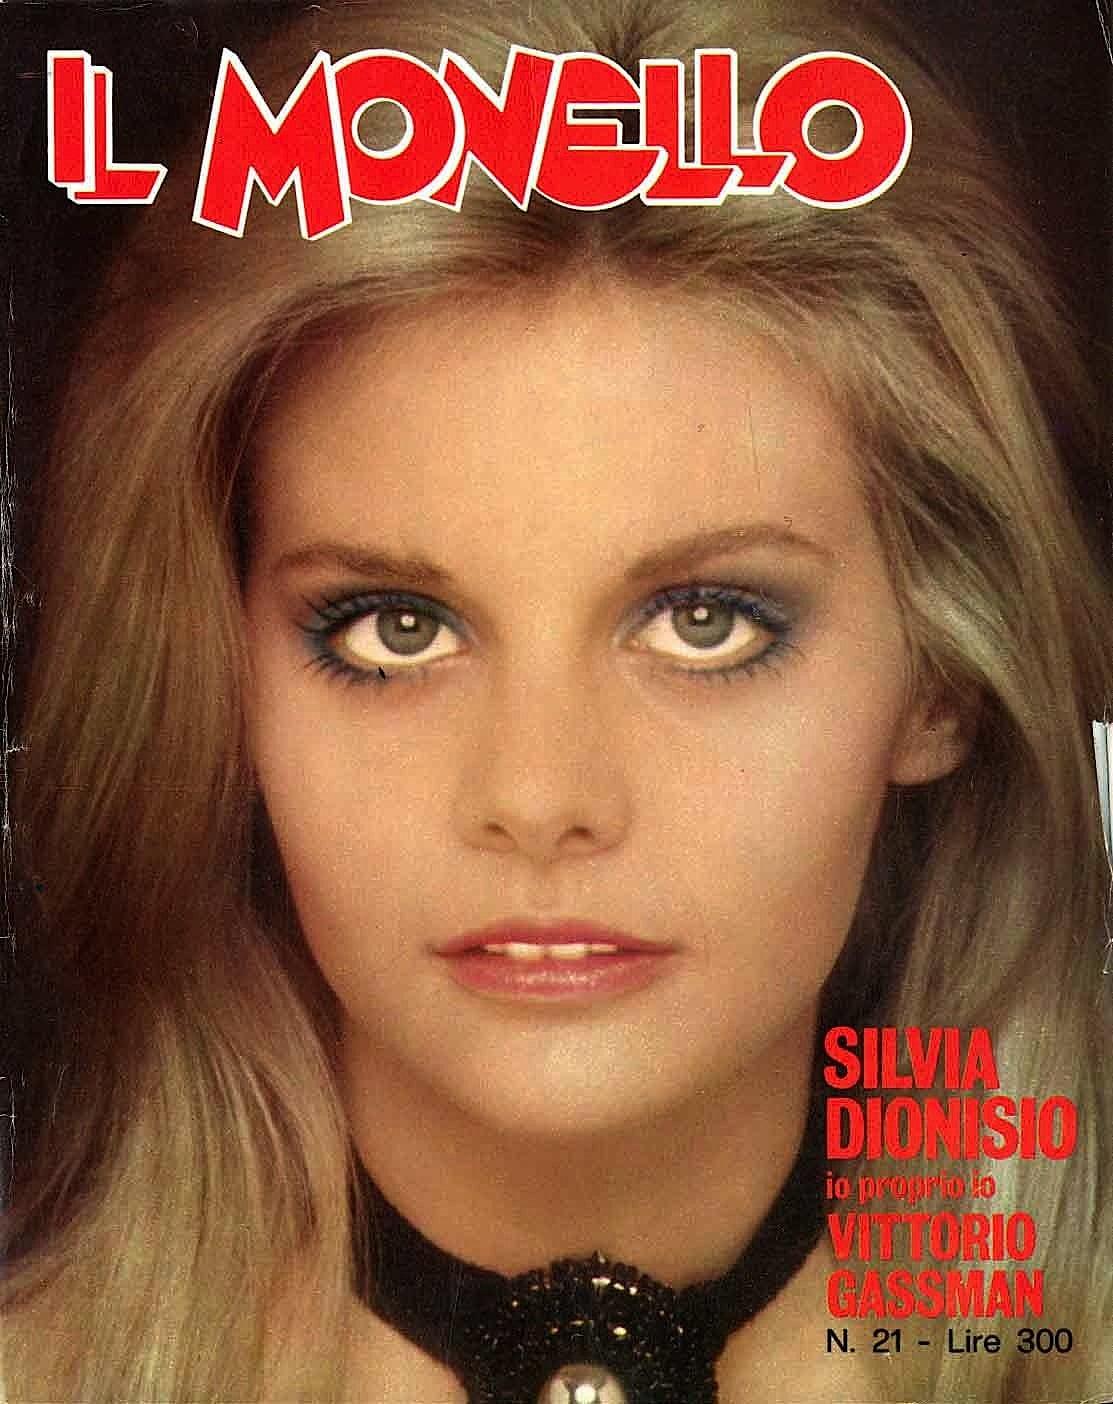 Silvia Dionisio